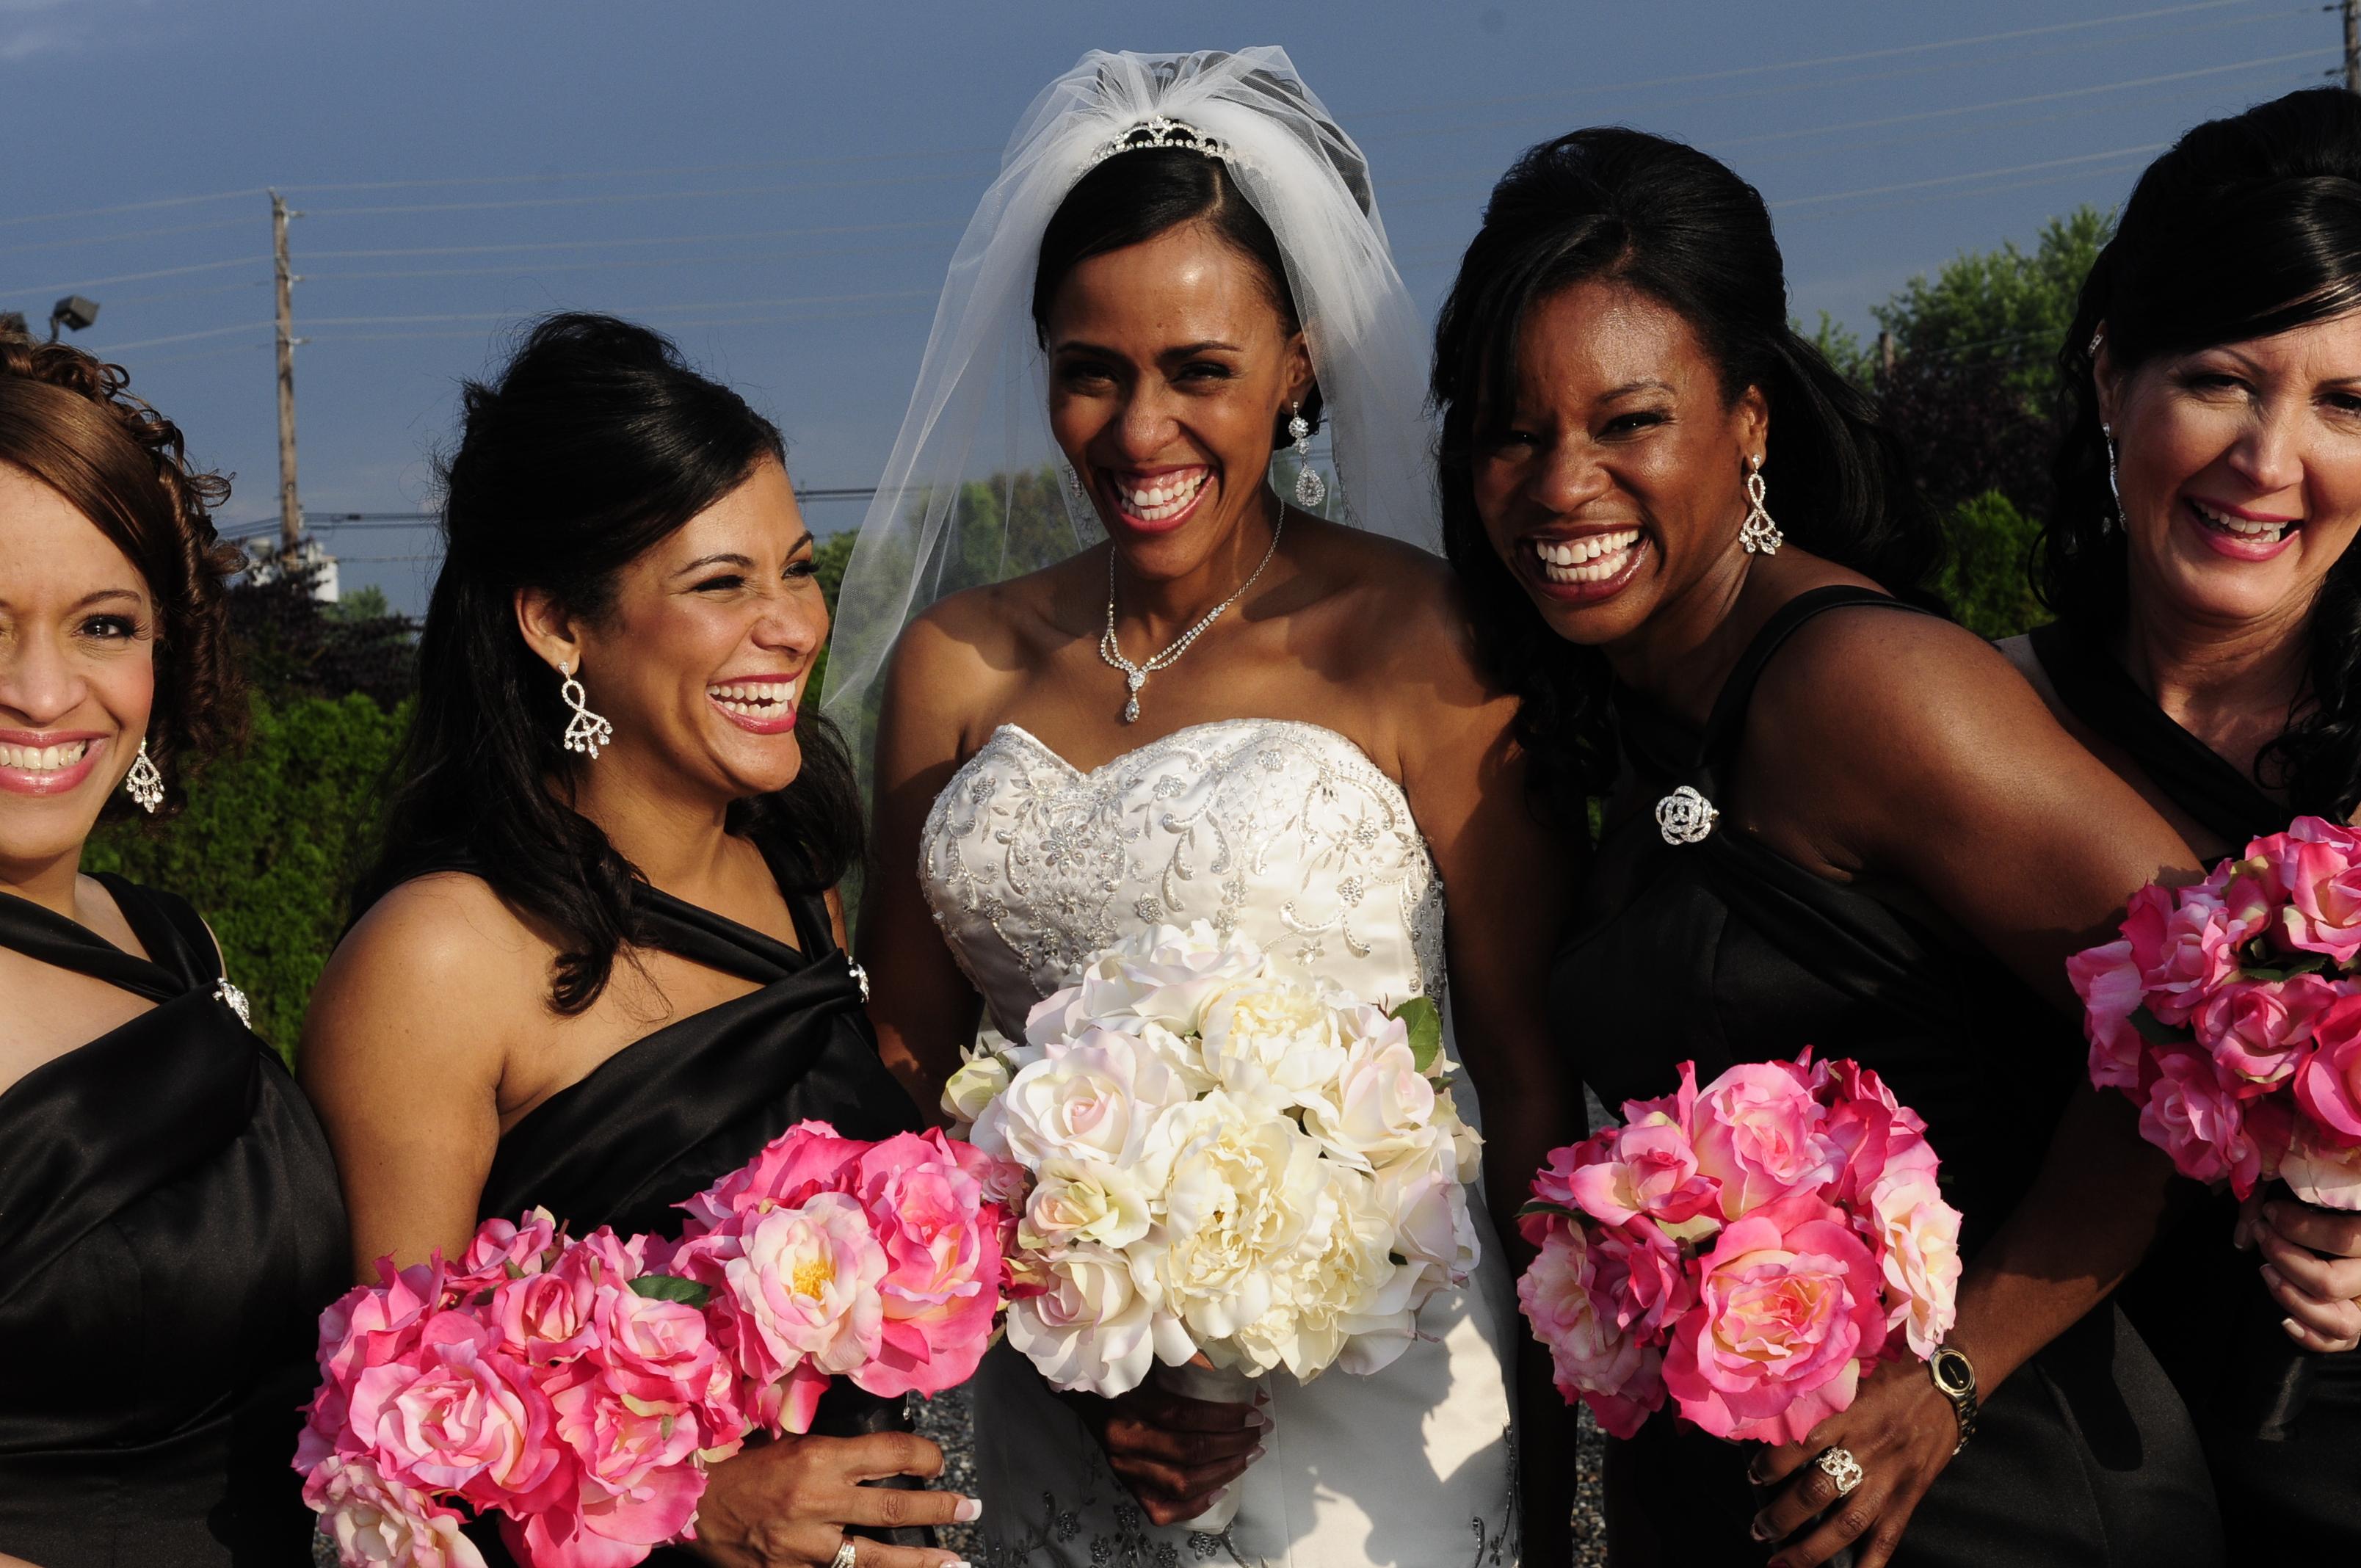 Flowers & Decor, Bridesmaids, Bridesmaids Dresses, Fashion, pink, black, Bridesmaid Bouquets, Flowers, Flower Wedding Dresses